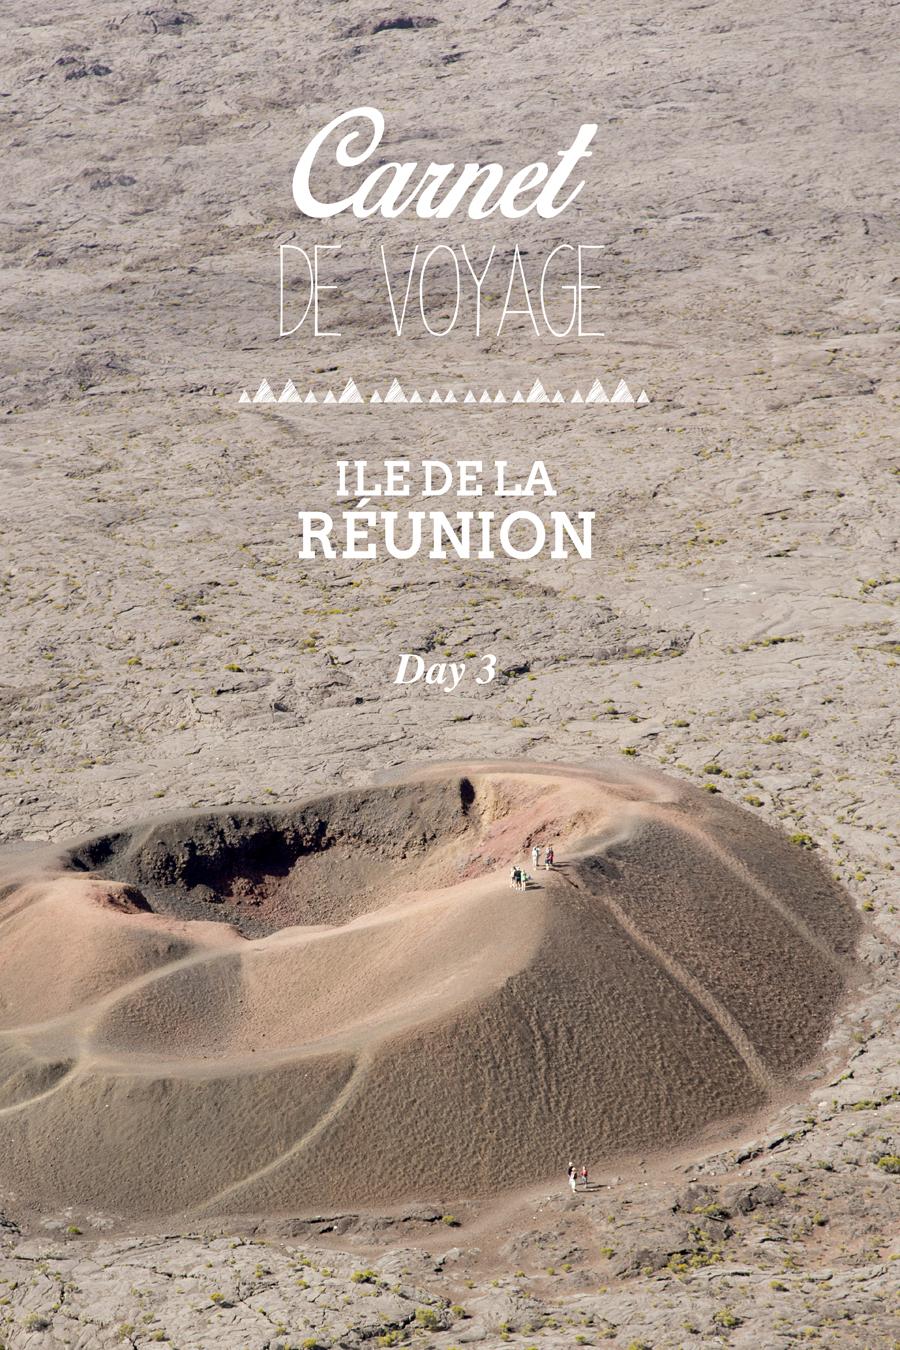 carnet_de_voyage_ile_de_la_reunion_day3